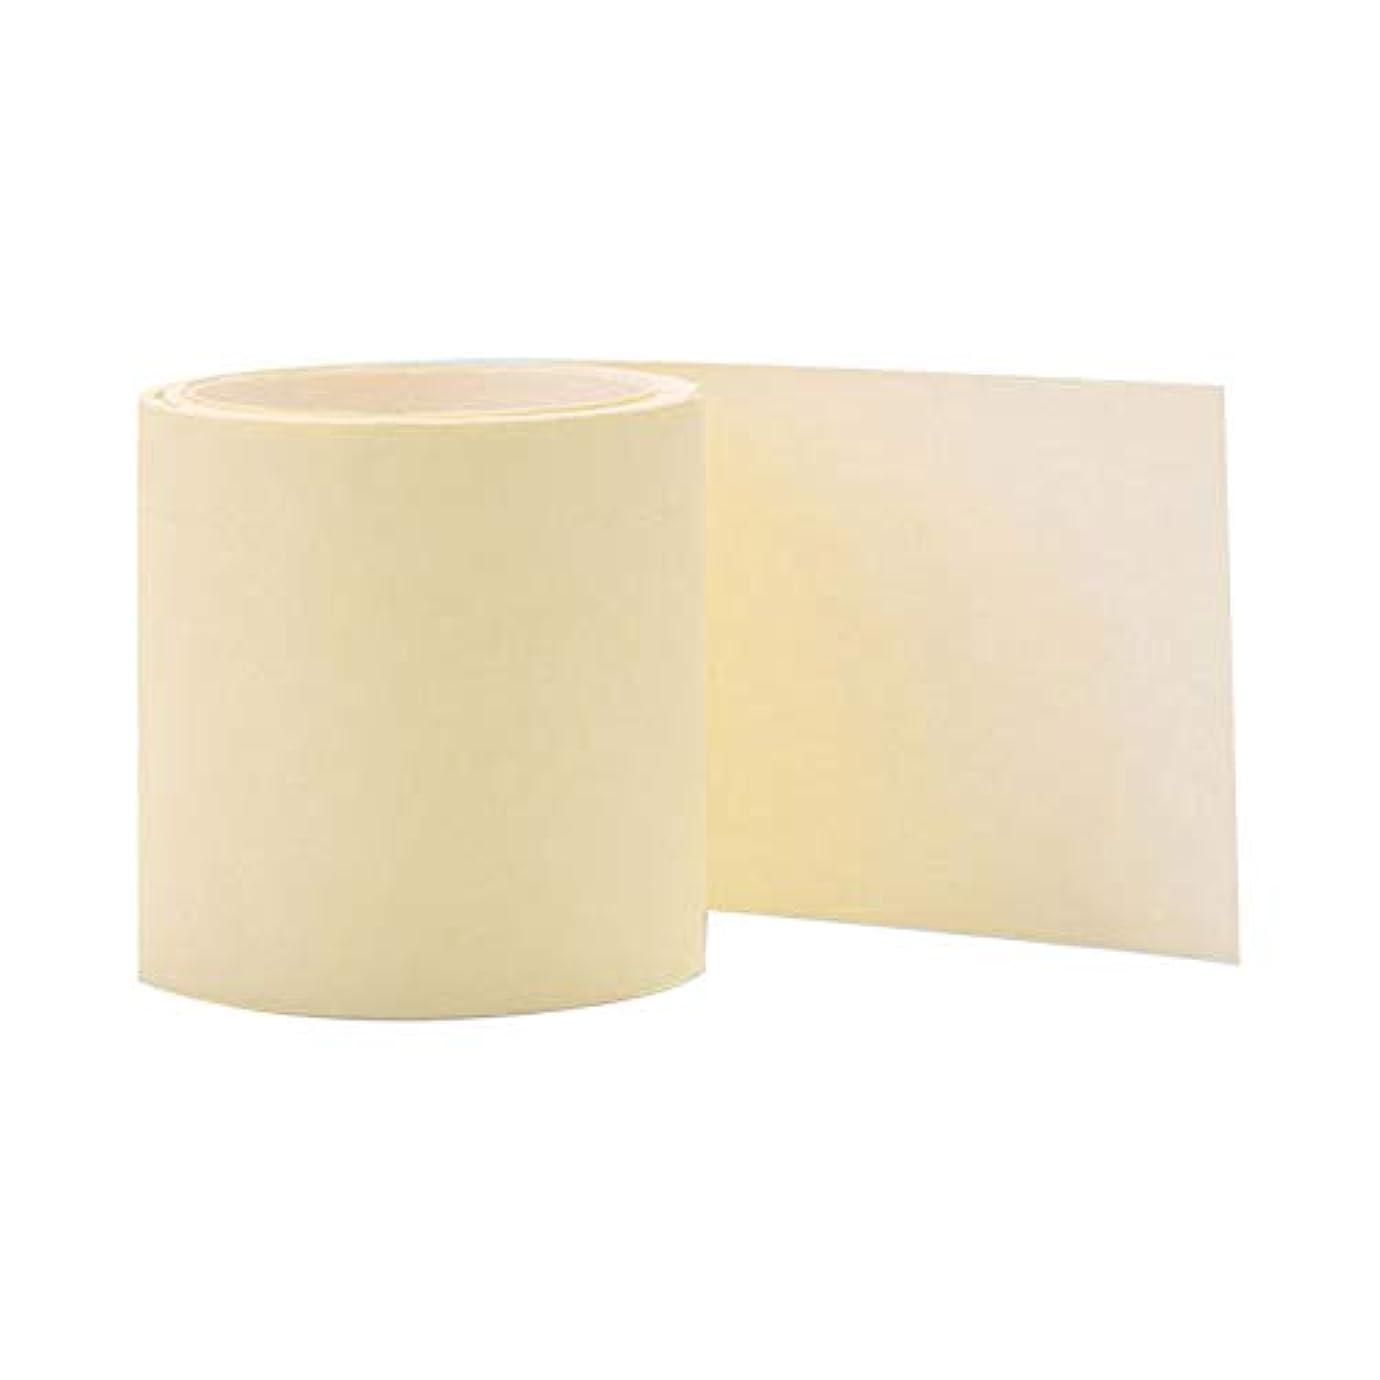 つかいます伝導にもかかわらずsunite 汗止めパッド 汗取りパッド 脇の下汗パッド 皮膚に優しい 脇の汗染み防止 抗菌加工 皮膚に優しい 男性/女性対応 透明 全長6m 脇の下